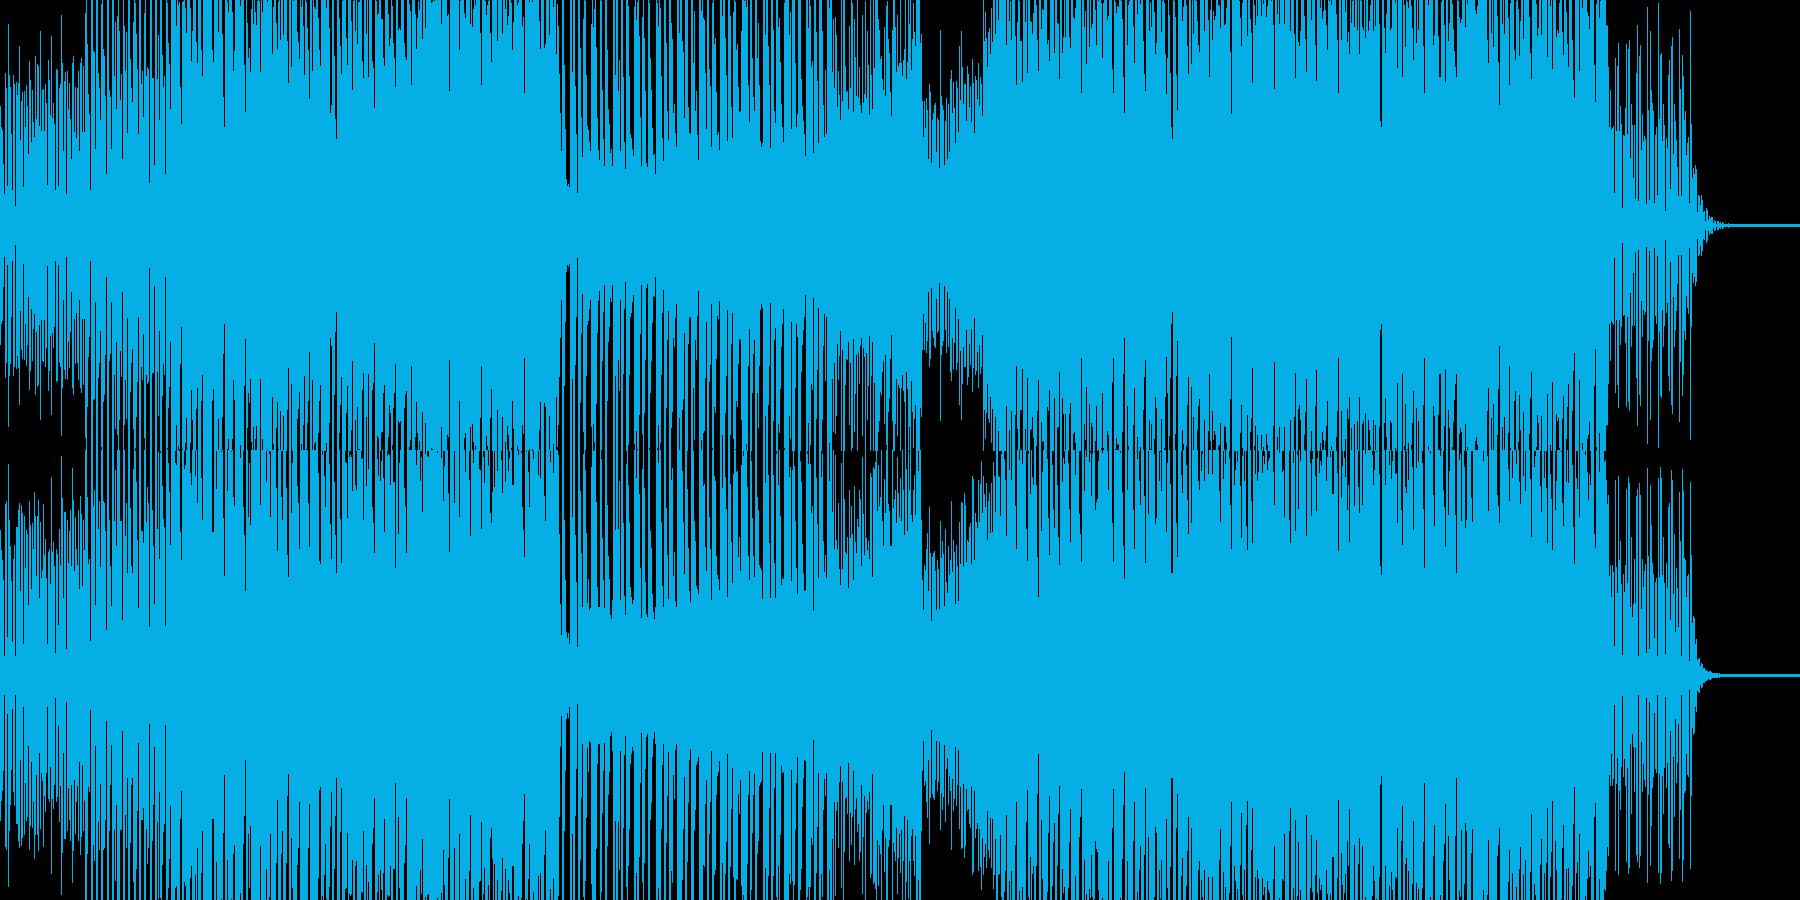 フィールド探索系4つ打ちミュージックの再生済みの波形